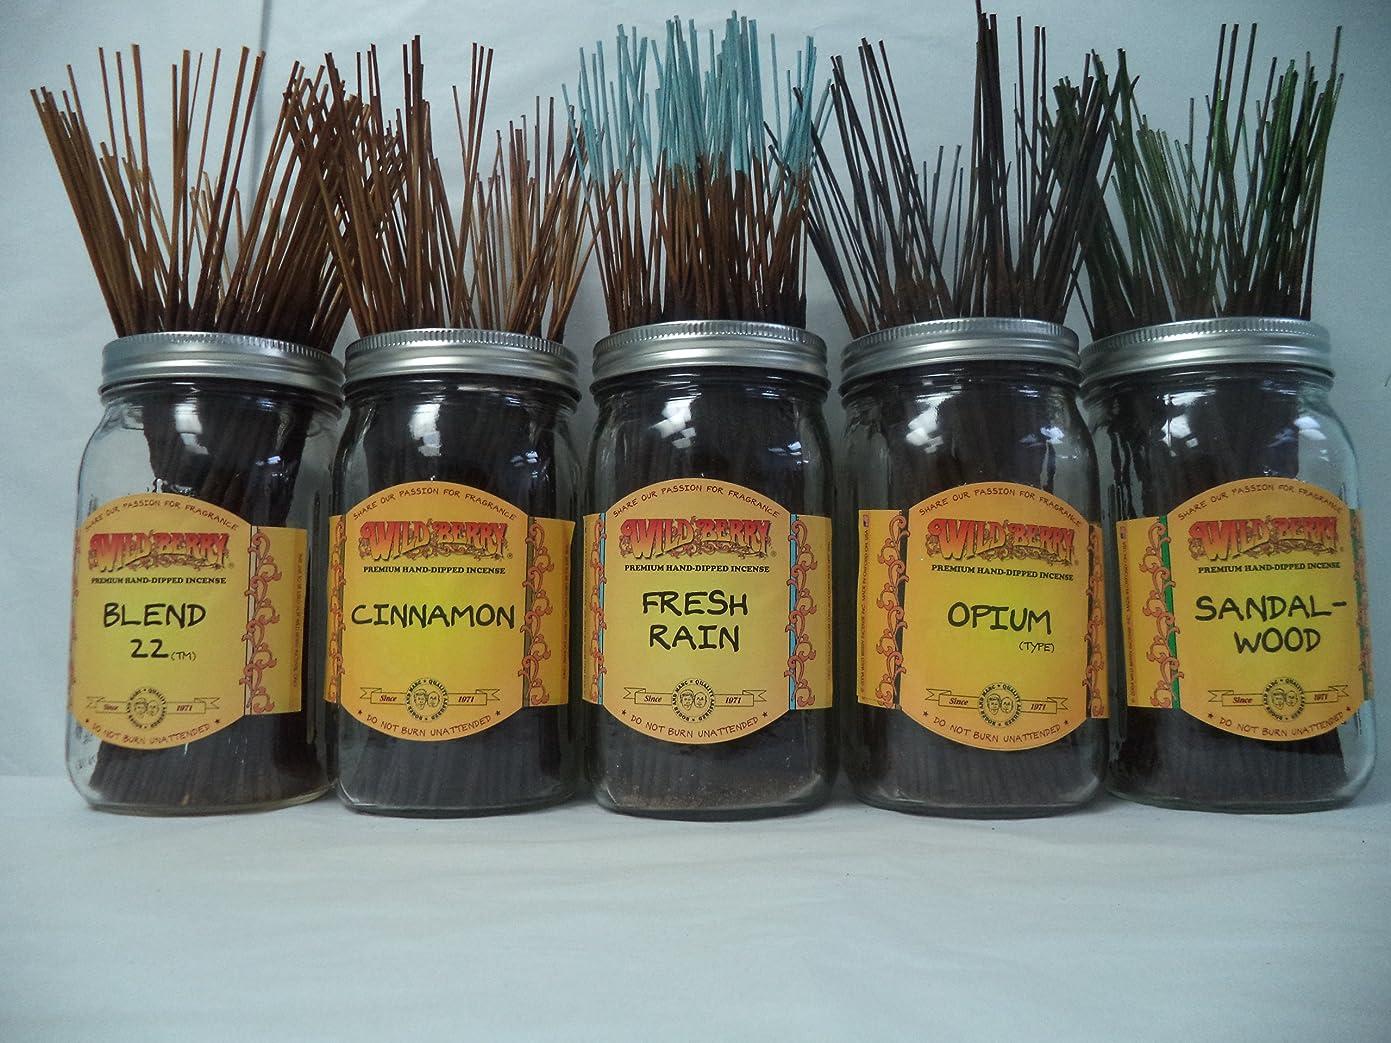 老人故障中独占Wildberry Incense Sticks Best Sellerセット# 3?: 10?Sticks各5の香り、合計50?Sticks 。